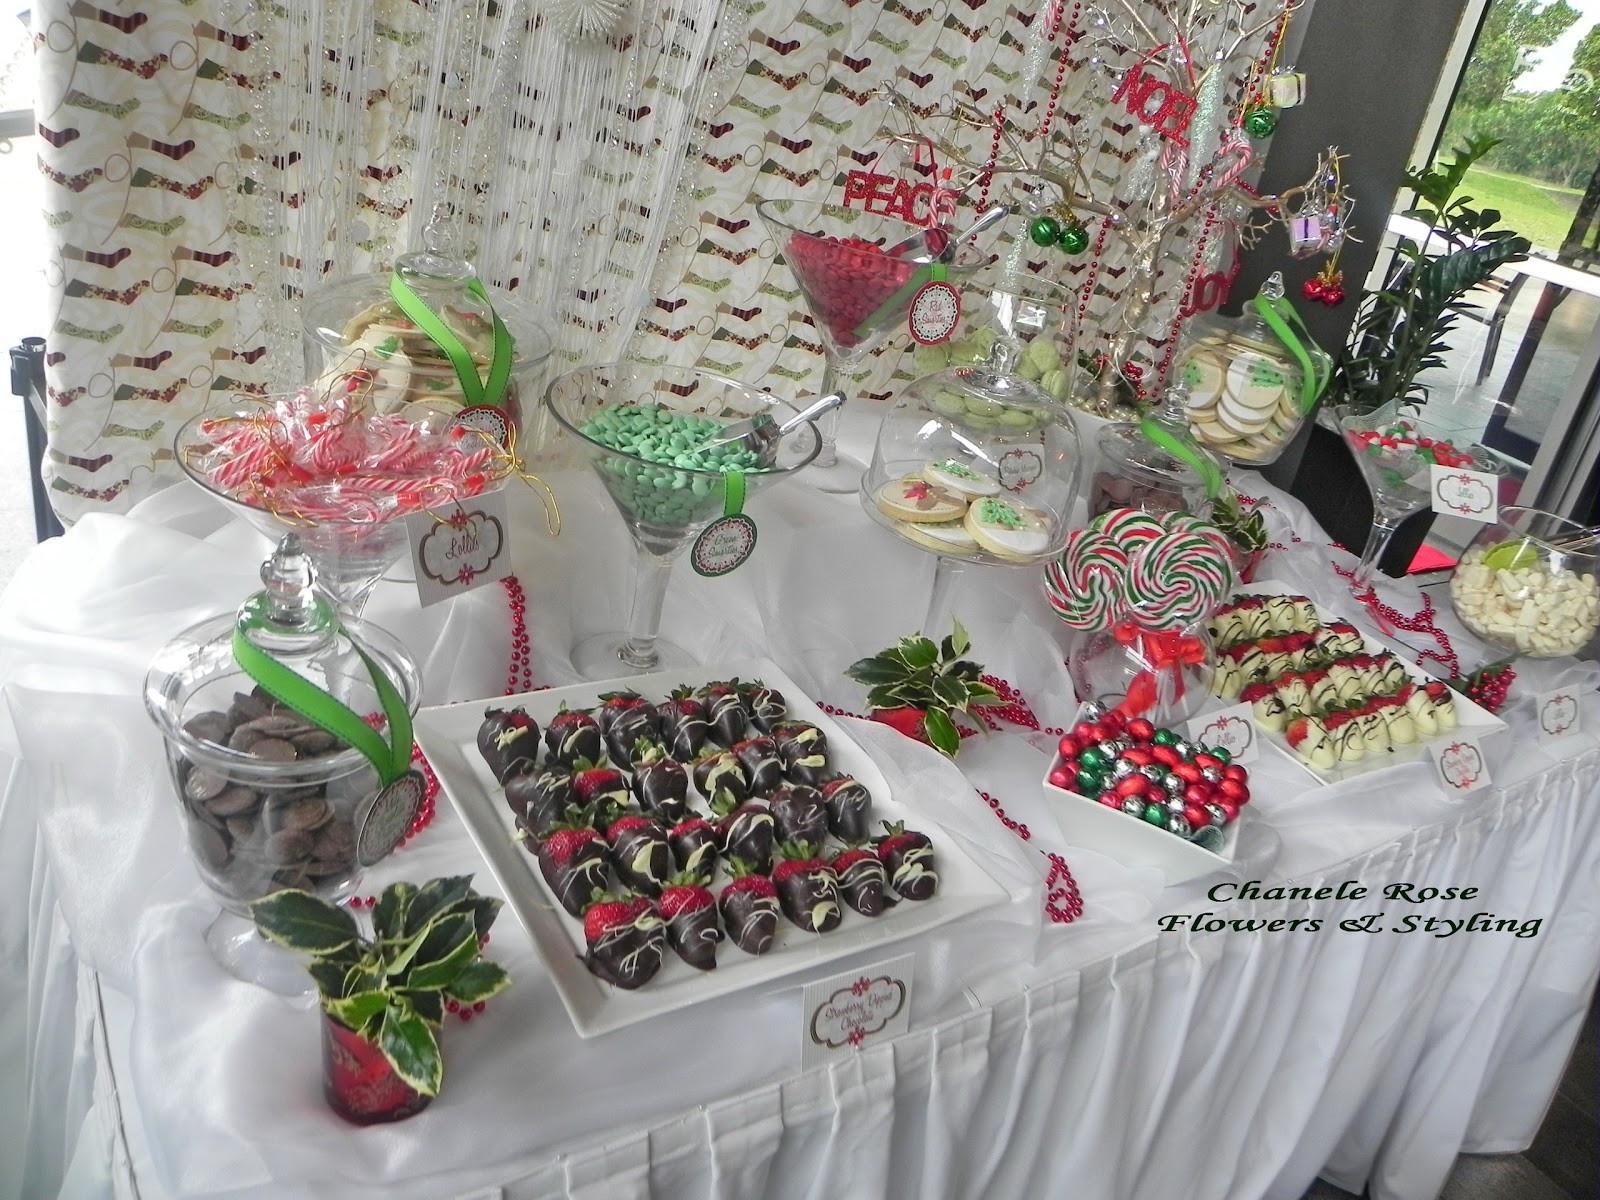 Holiday Party Decorating Ideas  Chanele Rose Flowers Blog Sydney Wedding stylist